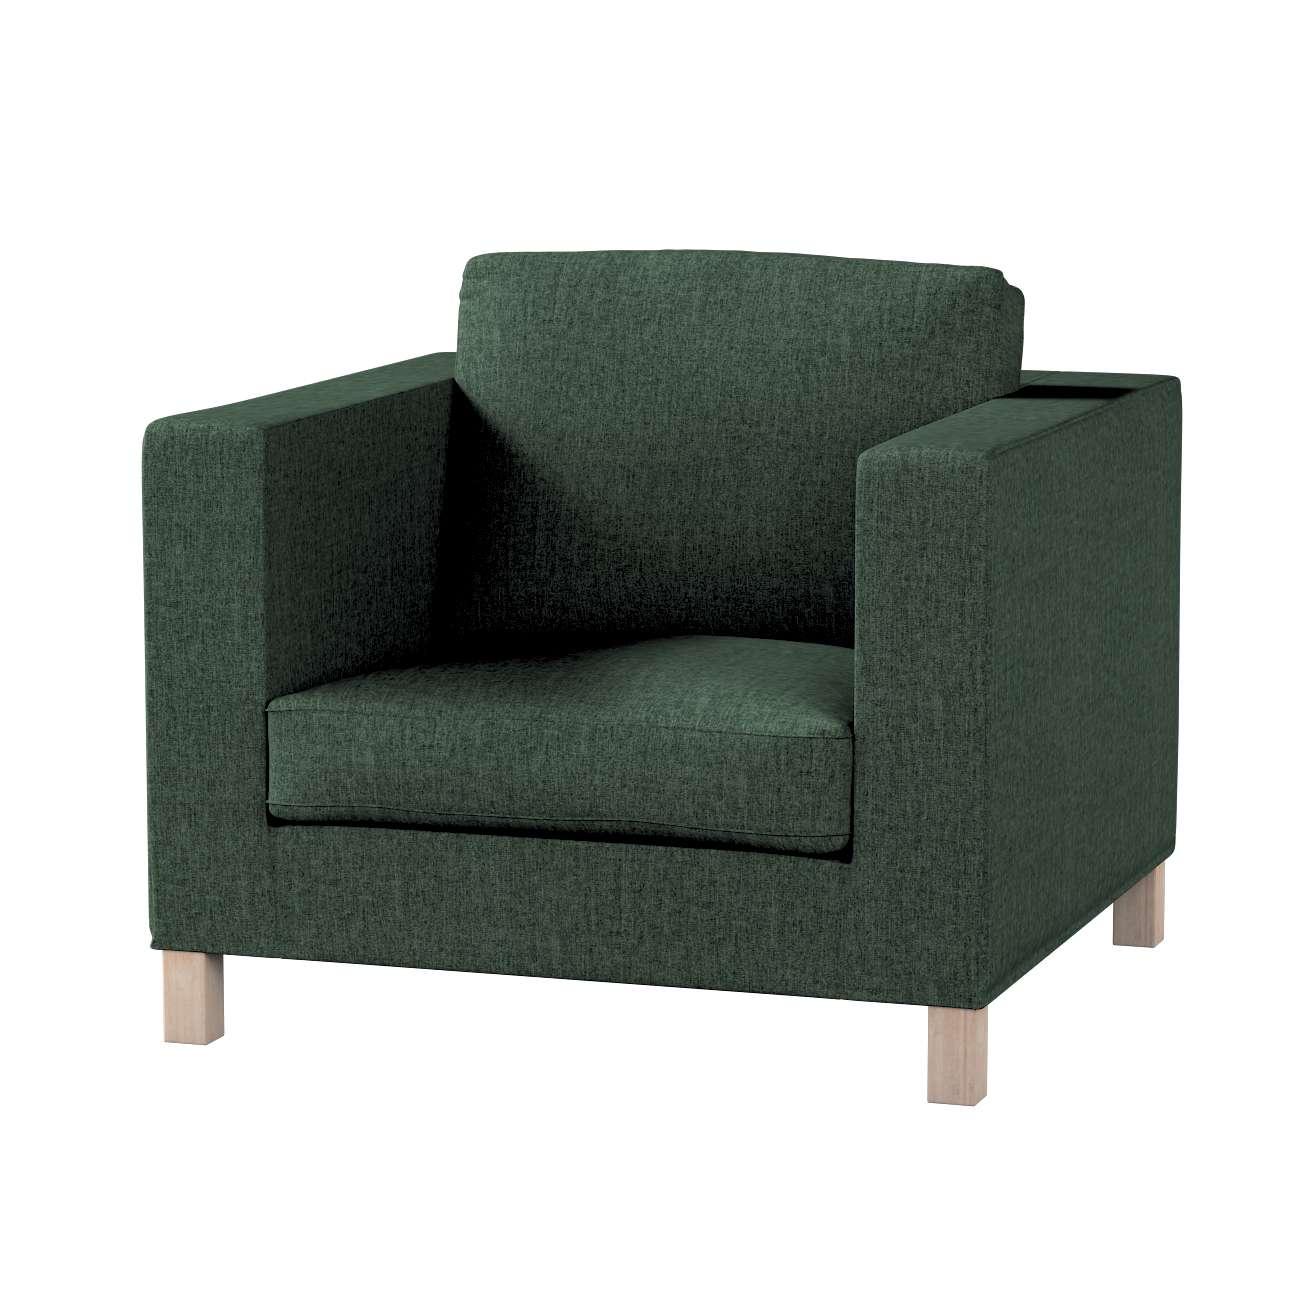 Pokrowiec na fotel Karlanda, krótki w kolekcji City, tkanina: 704-81